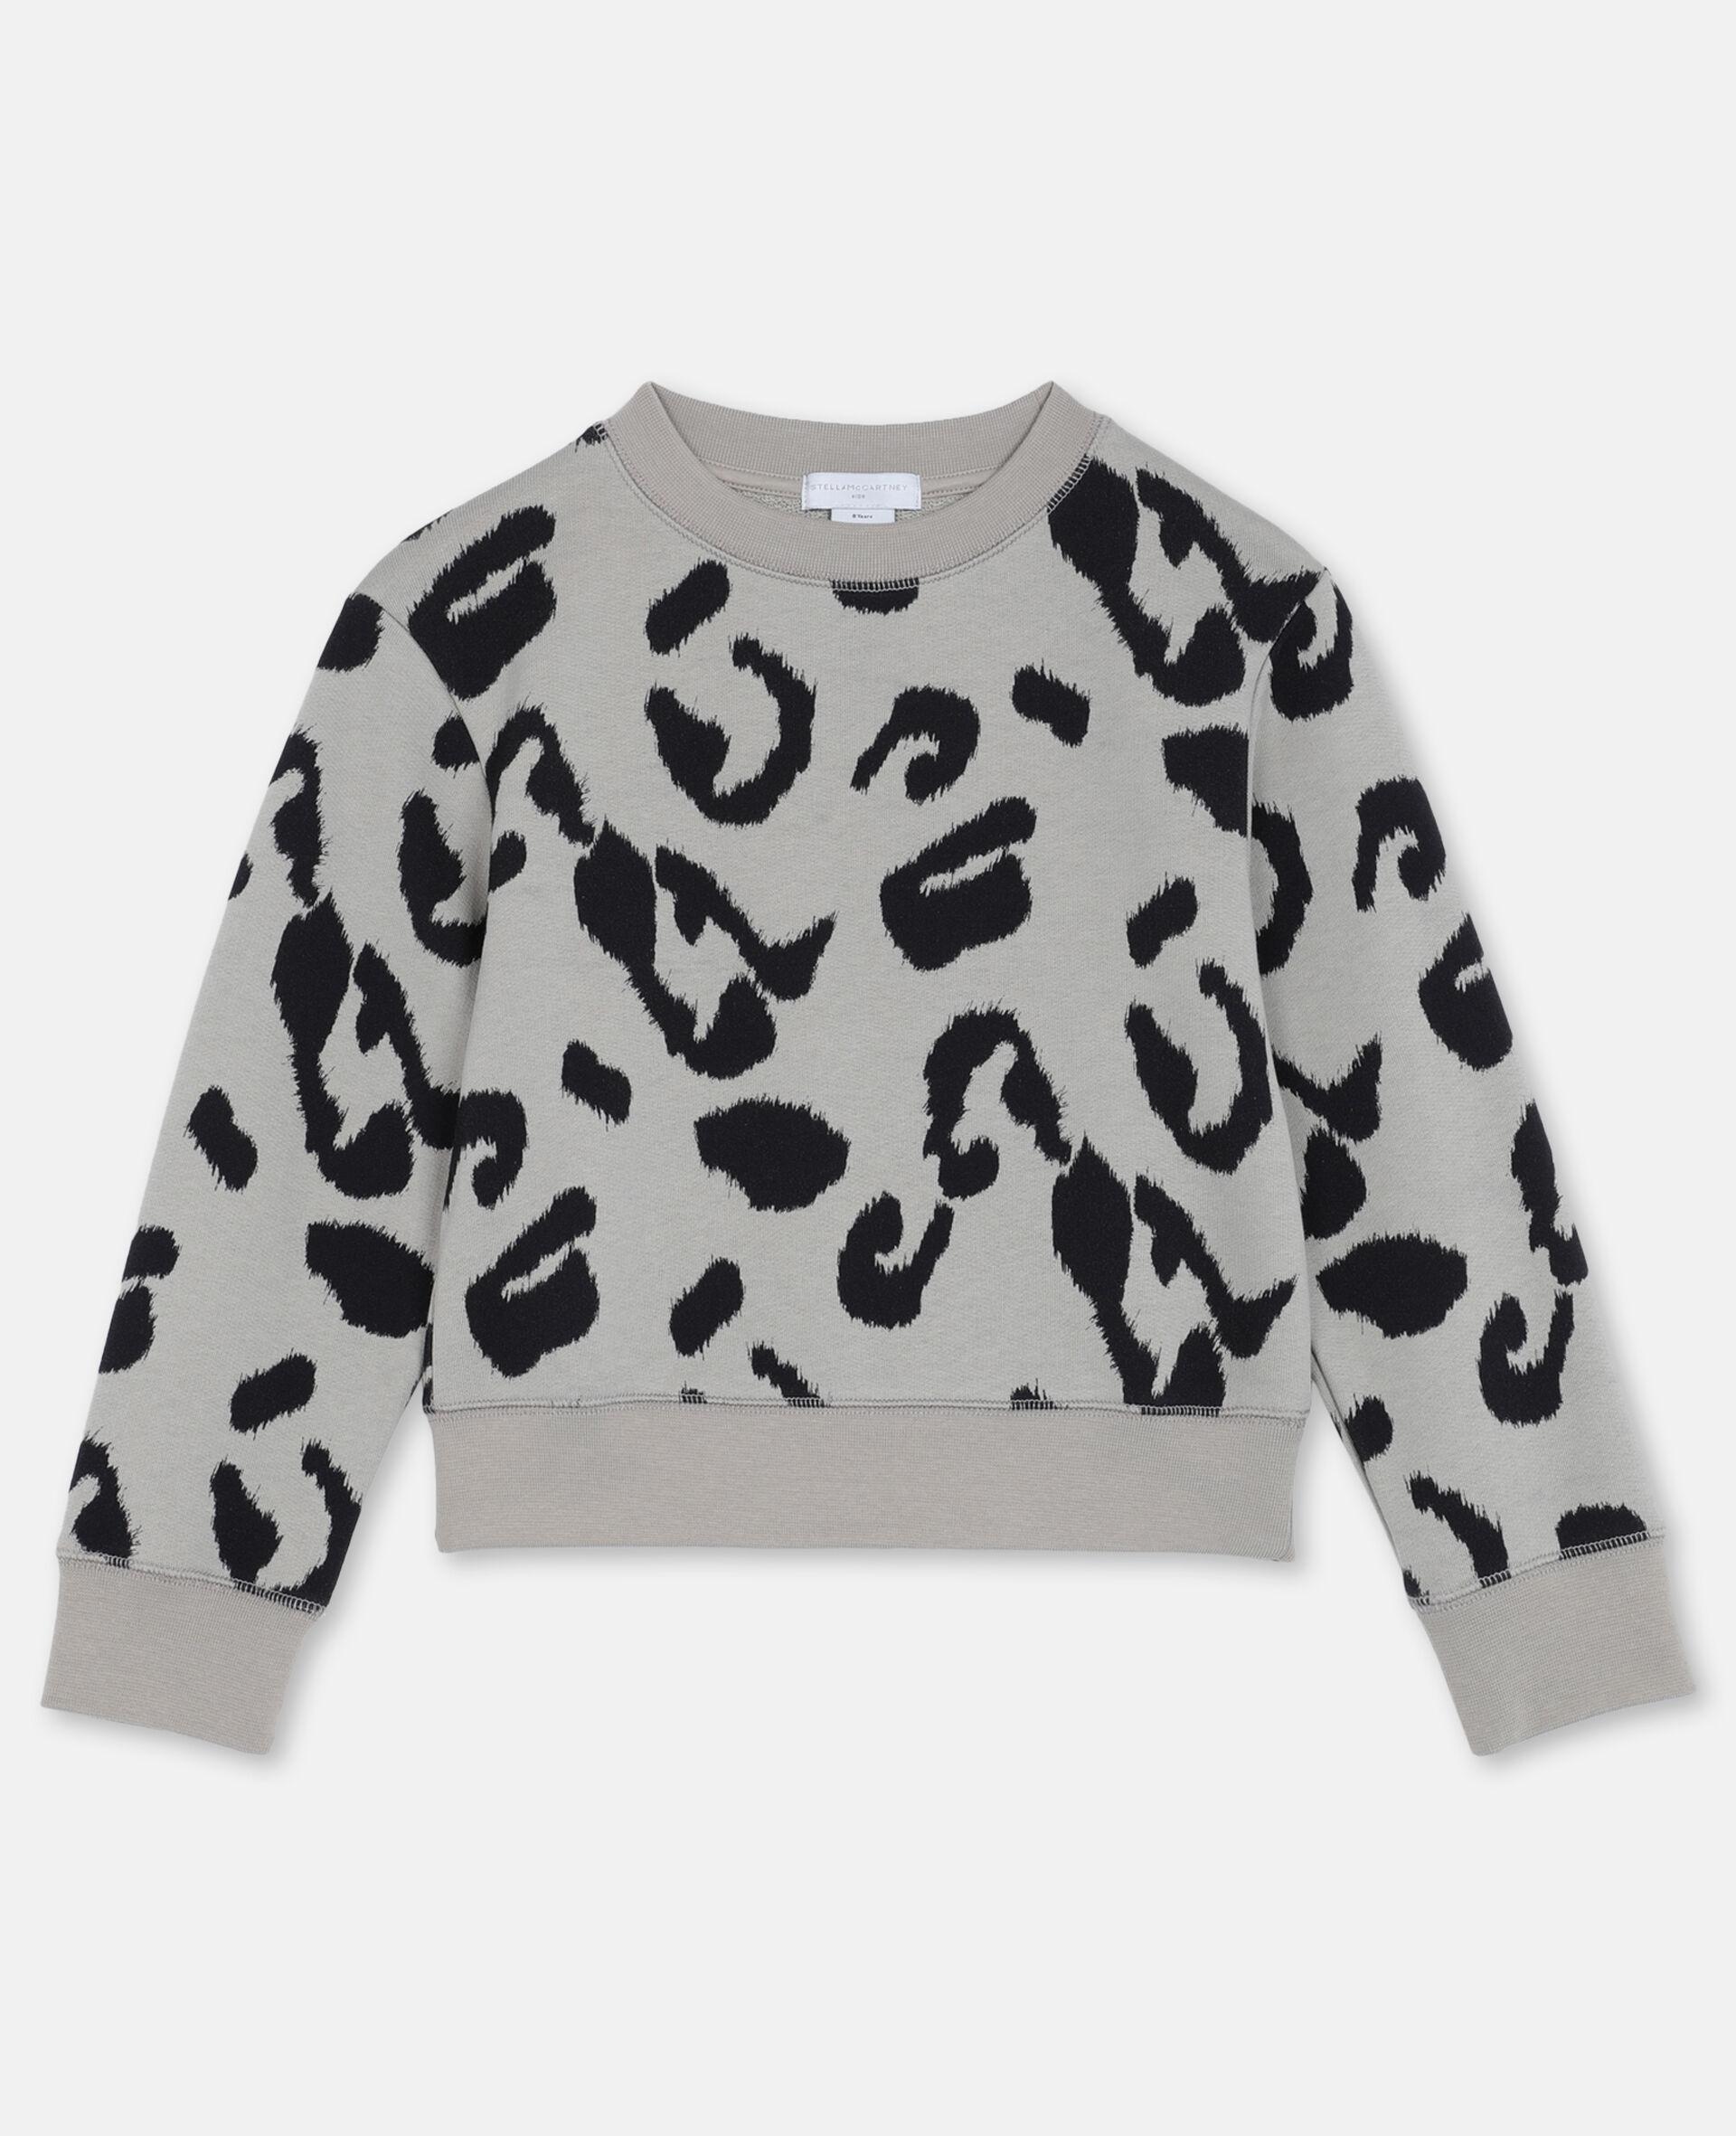 Sweat-shirt en molleton de coton léopard -Fantaisie-large image number 0